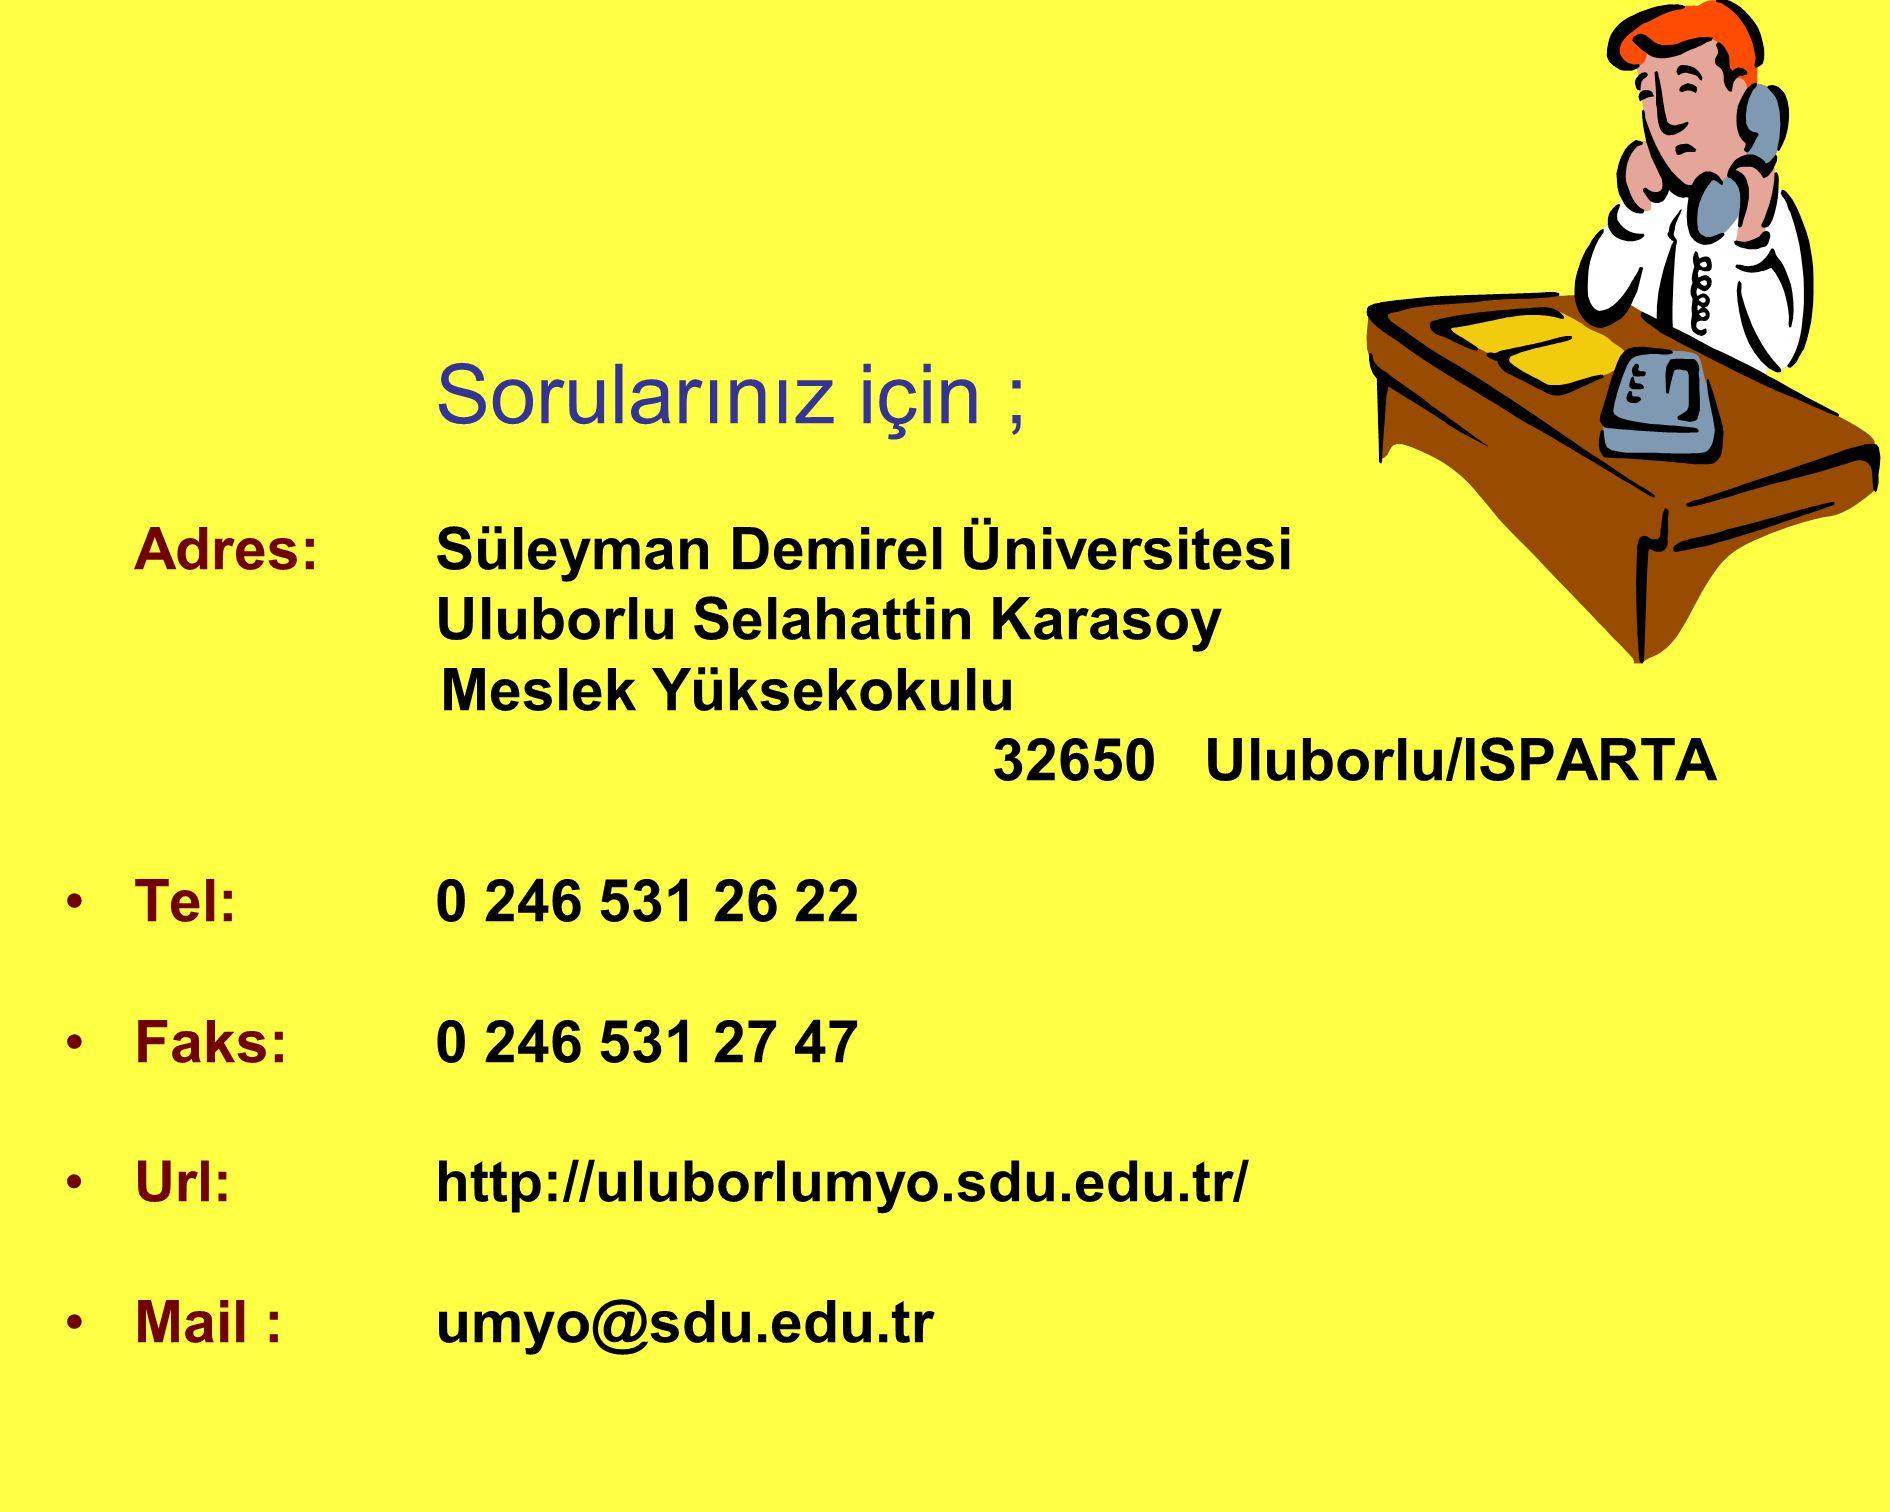 Sorularınız için ; Adres: Süleyman Demirel Üniversitesi Uluborlu Selahattin Karasoy Meslek Yüksekokulu 32650 Uluborlu/ISPARTA •Tel: 0 246 531 26 22 •Faks: 0 246 531 27 47 •Url: http://uluborlumyo.sdu.edu.tr/ •Mail : umyo@sdu.edu.tr